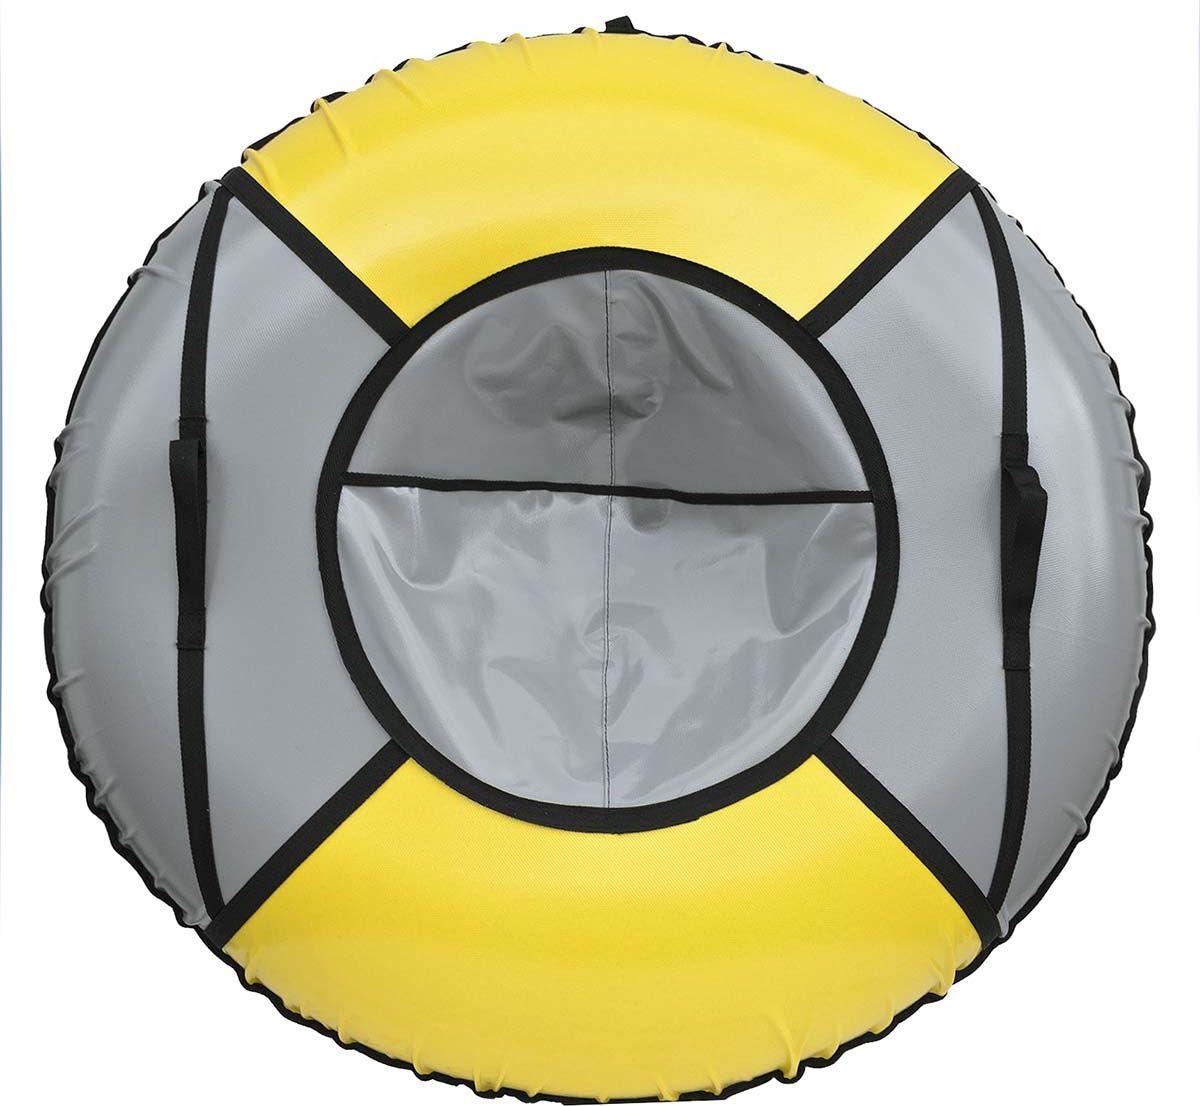 Тюбинг Эх, Прокачу!  Профи-4 , цвет: серый, желтый, 115 см - Тюбинги